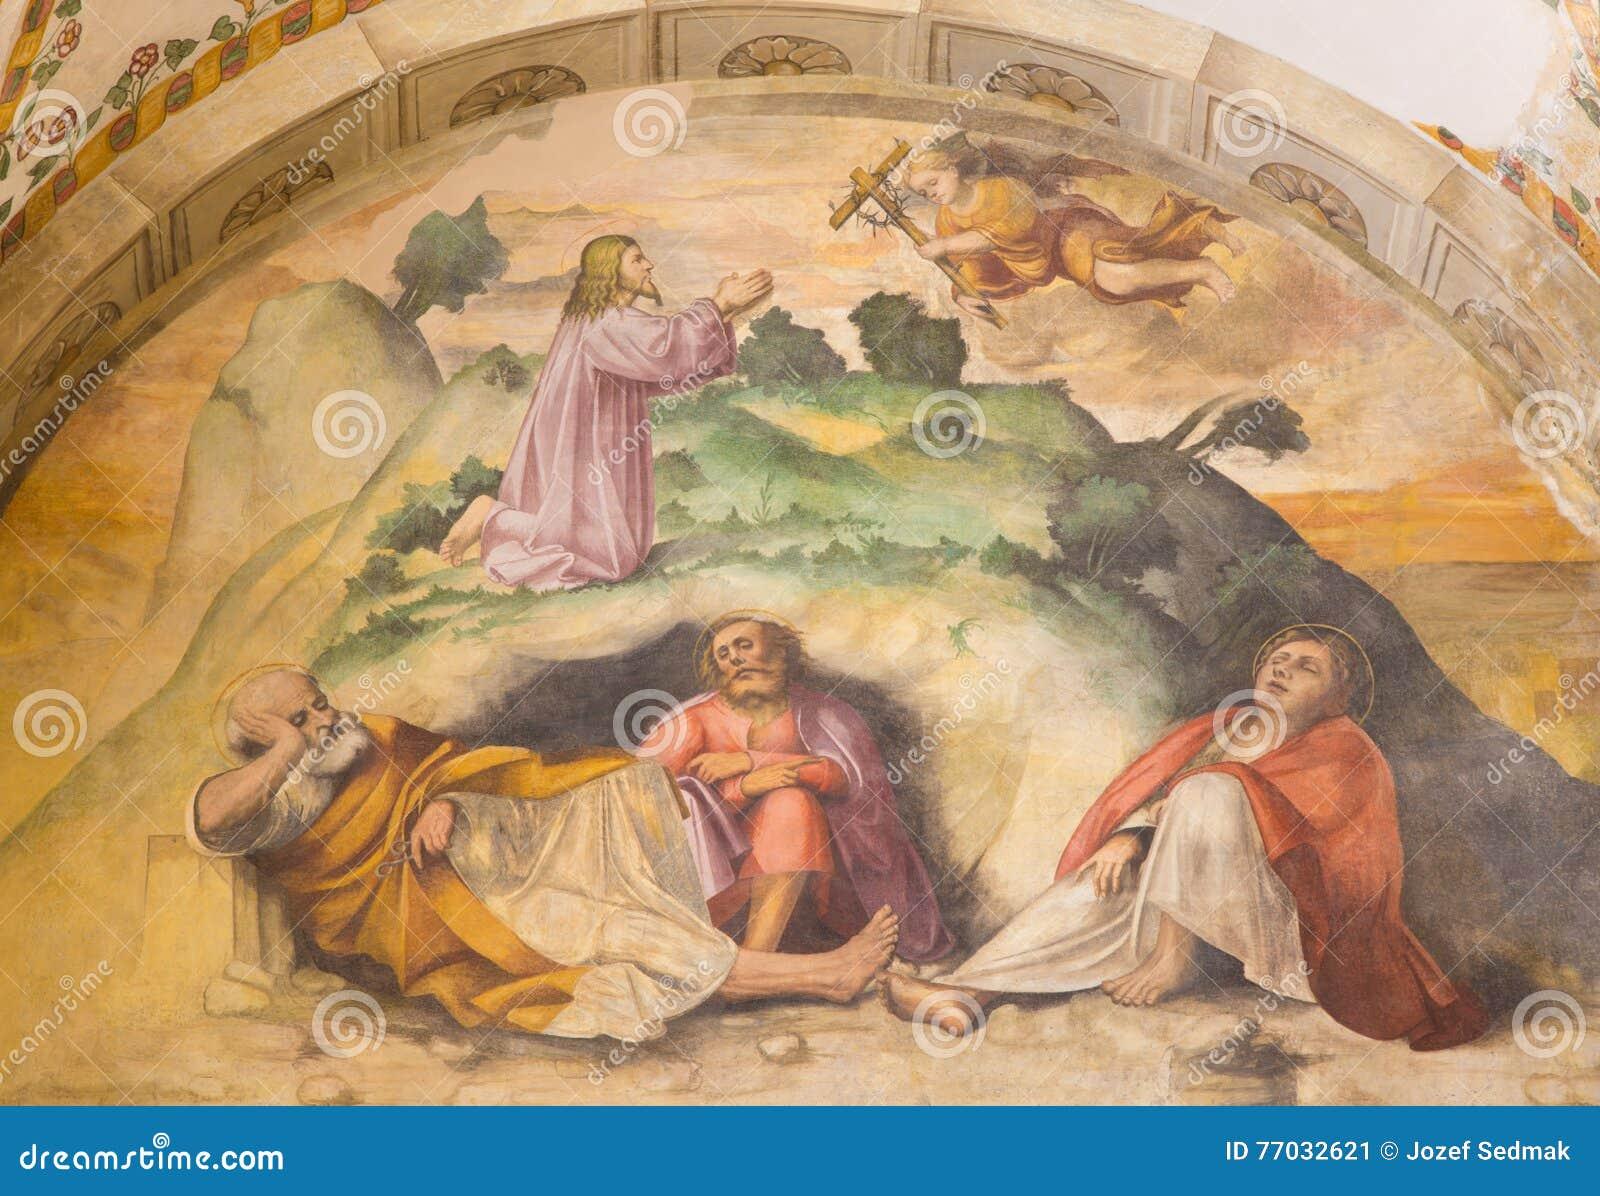 BRÍXIA, ITÁLIA, 2016: A oração de Jesus no fresco do jardim de Gethsemane dentro da igreja Chiesa di San Giuseppe pela escola de